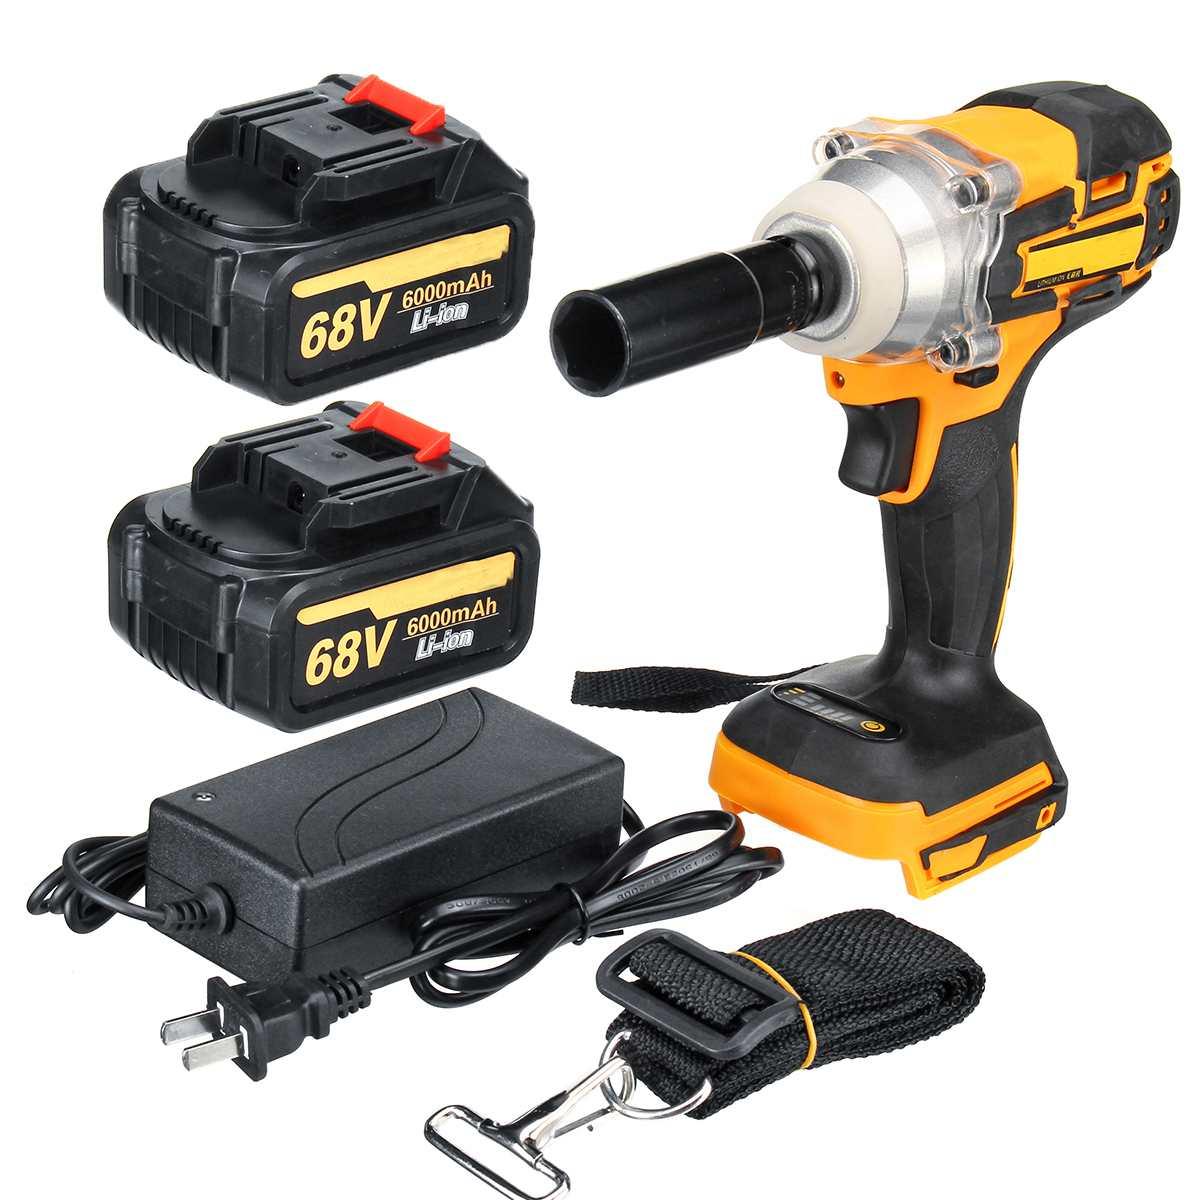 68 v 6000 mah 380nm bateria sem fio do motor sem escova 1/2 da chave de impacto elétrica do lítio-íon com ferramentas elétricas da carga